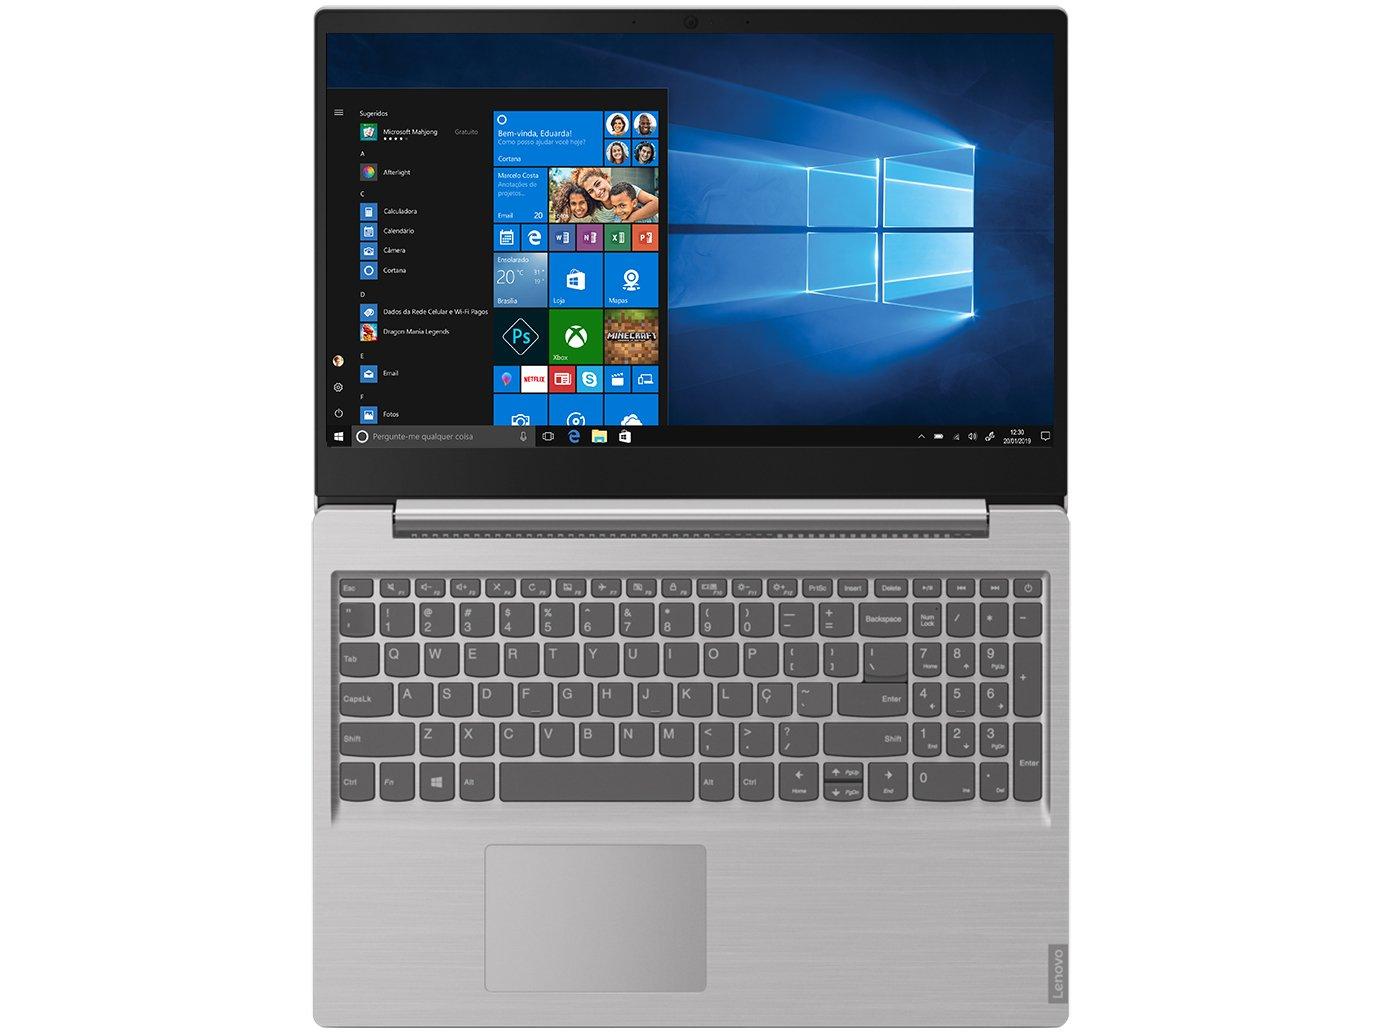 """Notebook Lenovo Core i5-8265U 8GB 1TB Tela 15.6"""" Windows 10 Ideapad S145 - 4"""